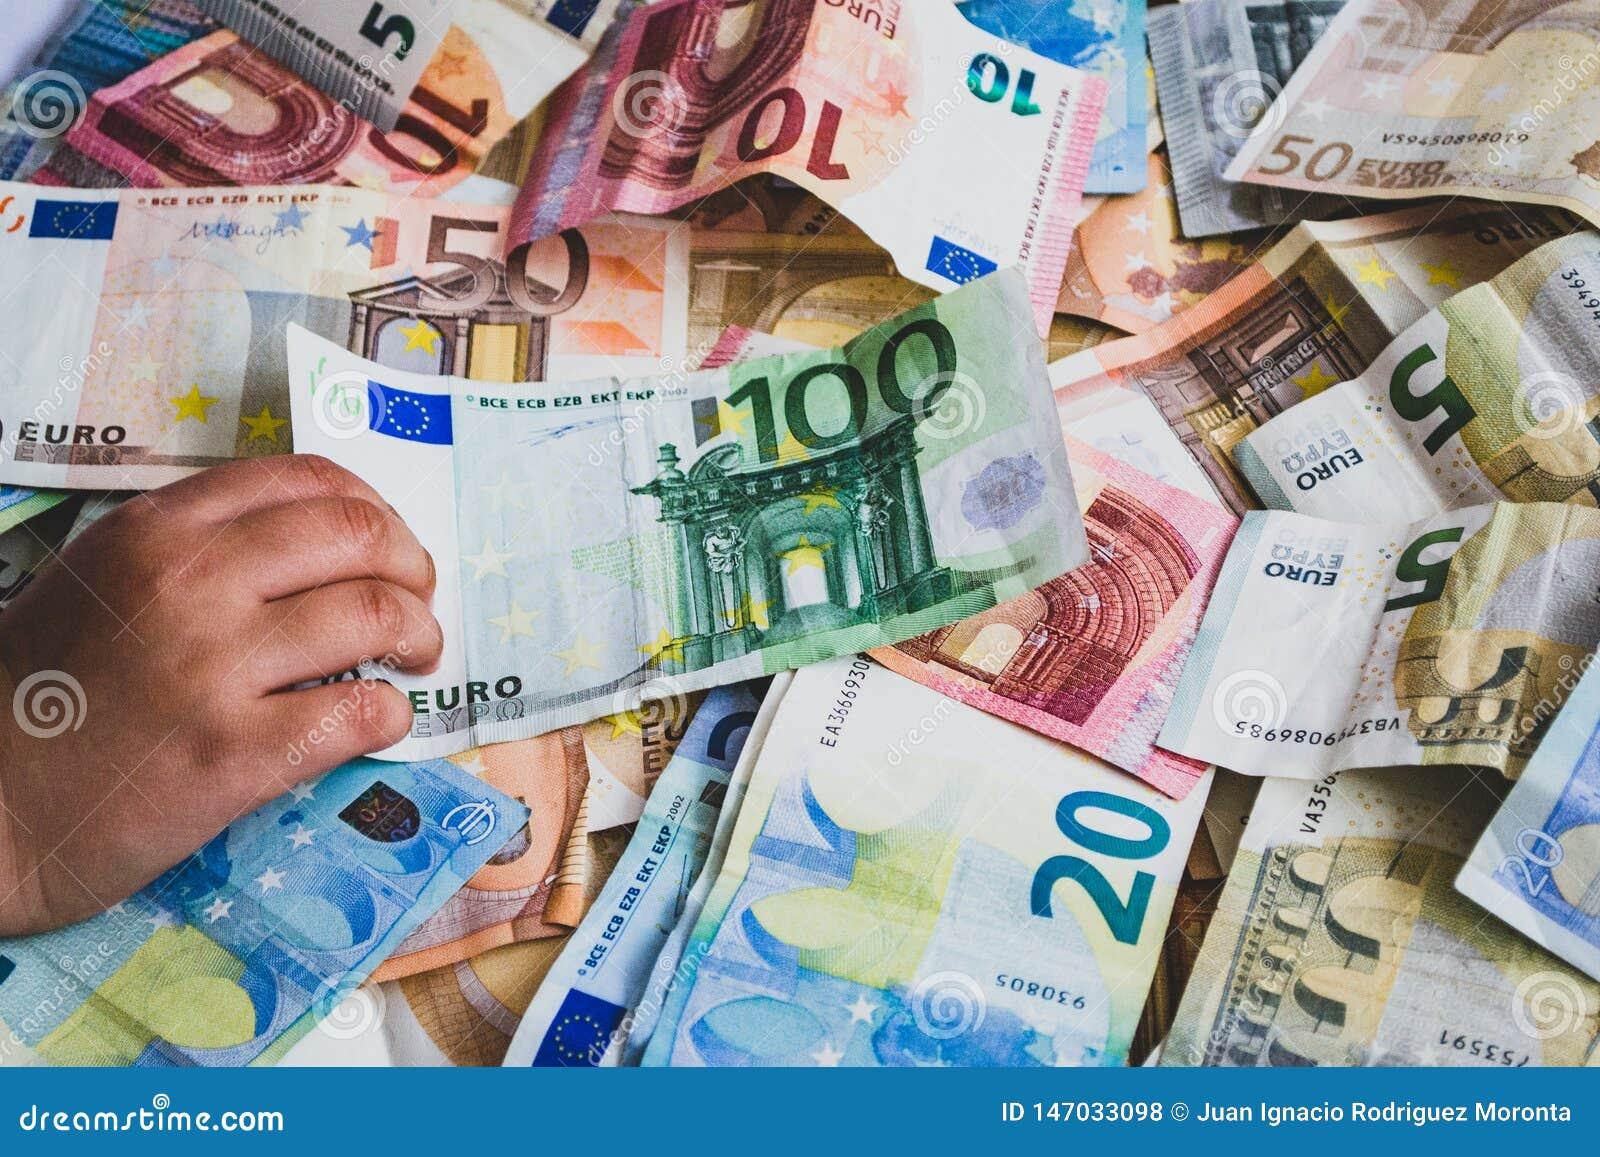 Kind dat euro bankbiljet honderd op meer euro bankbiljetten steelt